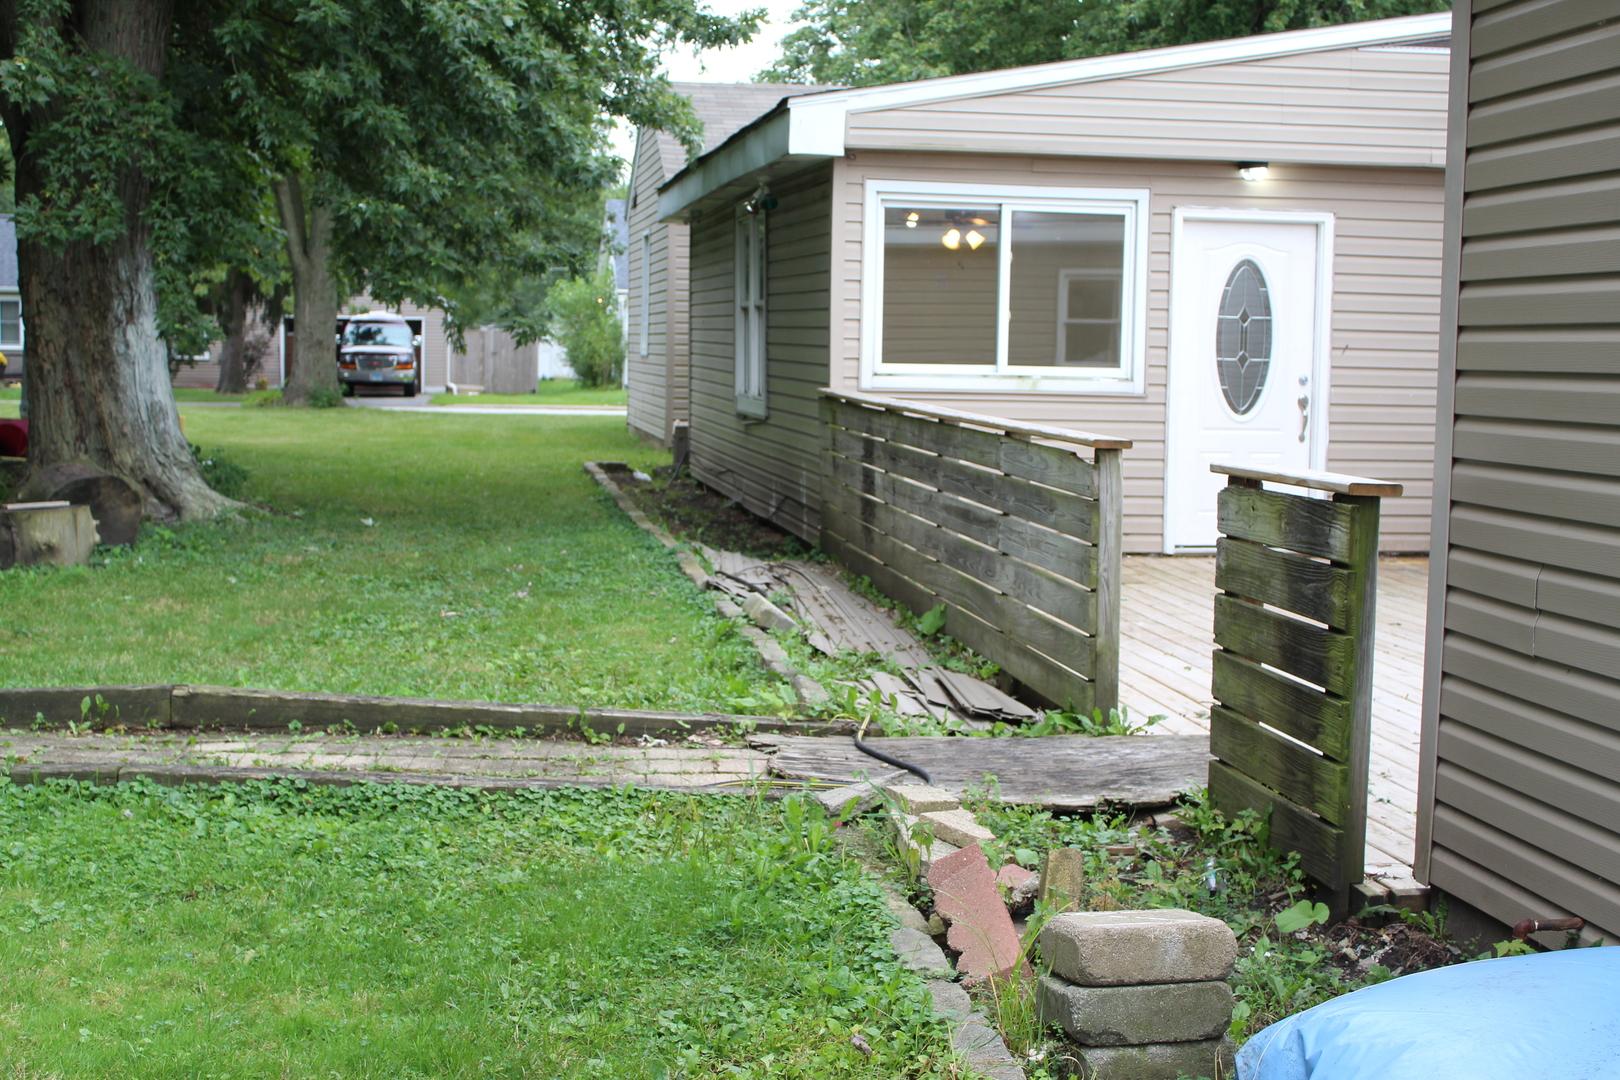 2300 Sycamore, Crest Hill, Illinois, 60403